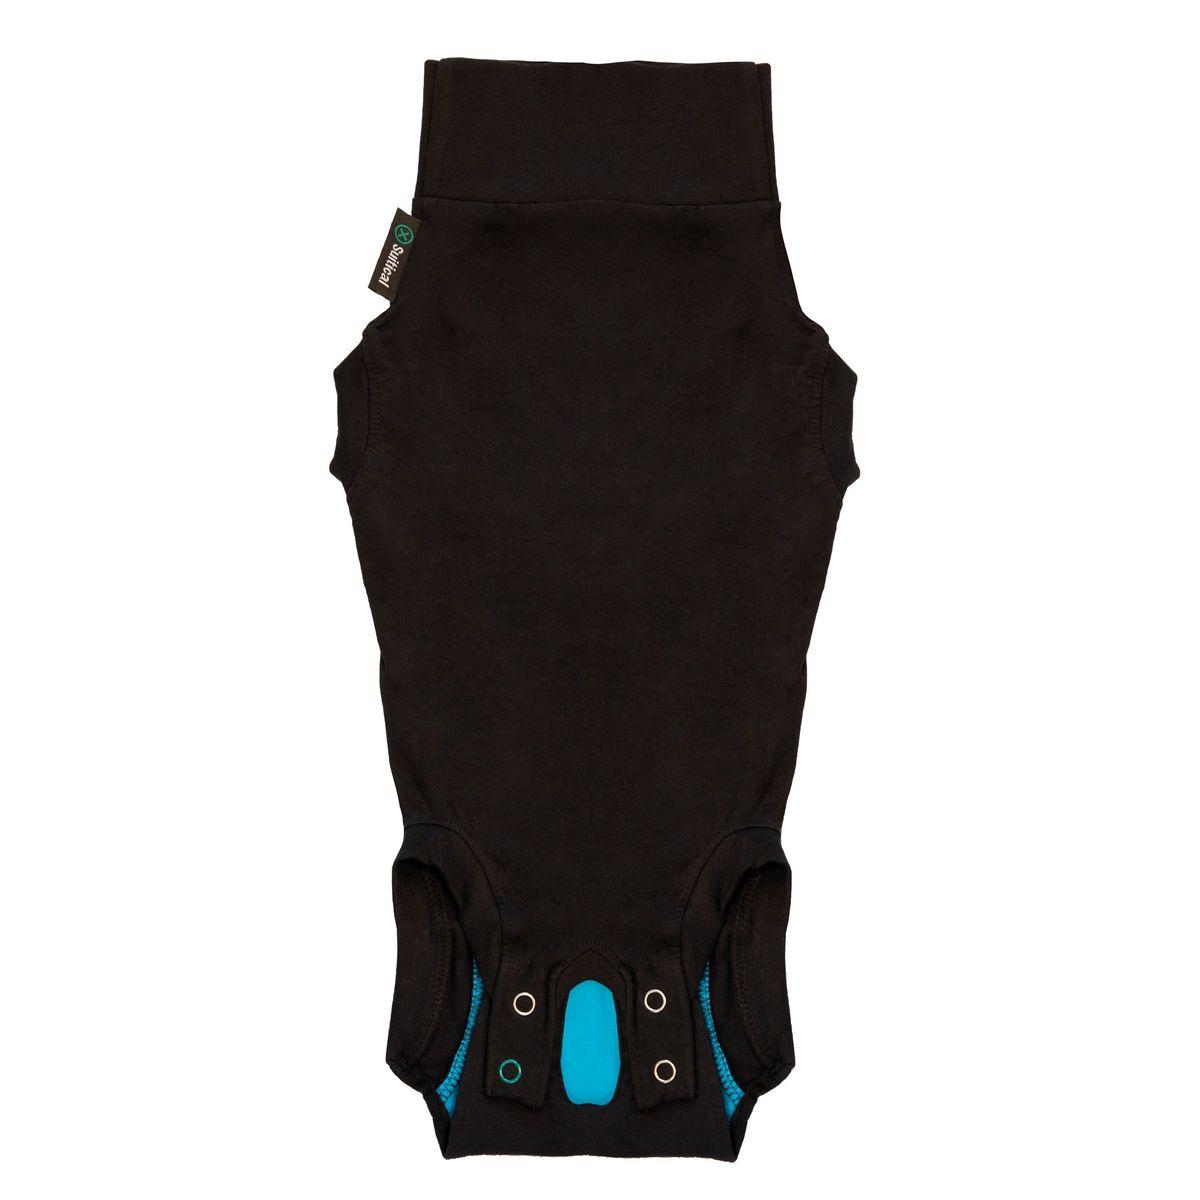 エリザベスカラーや包帯に代わり 炎症や皮膚疾患等を保護するサポーター リカバリー S 実物 スーツ 激安 激安特価 送料無料 -